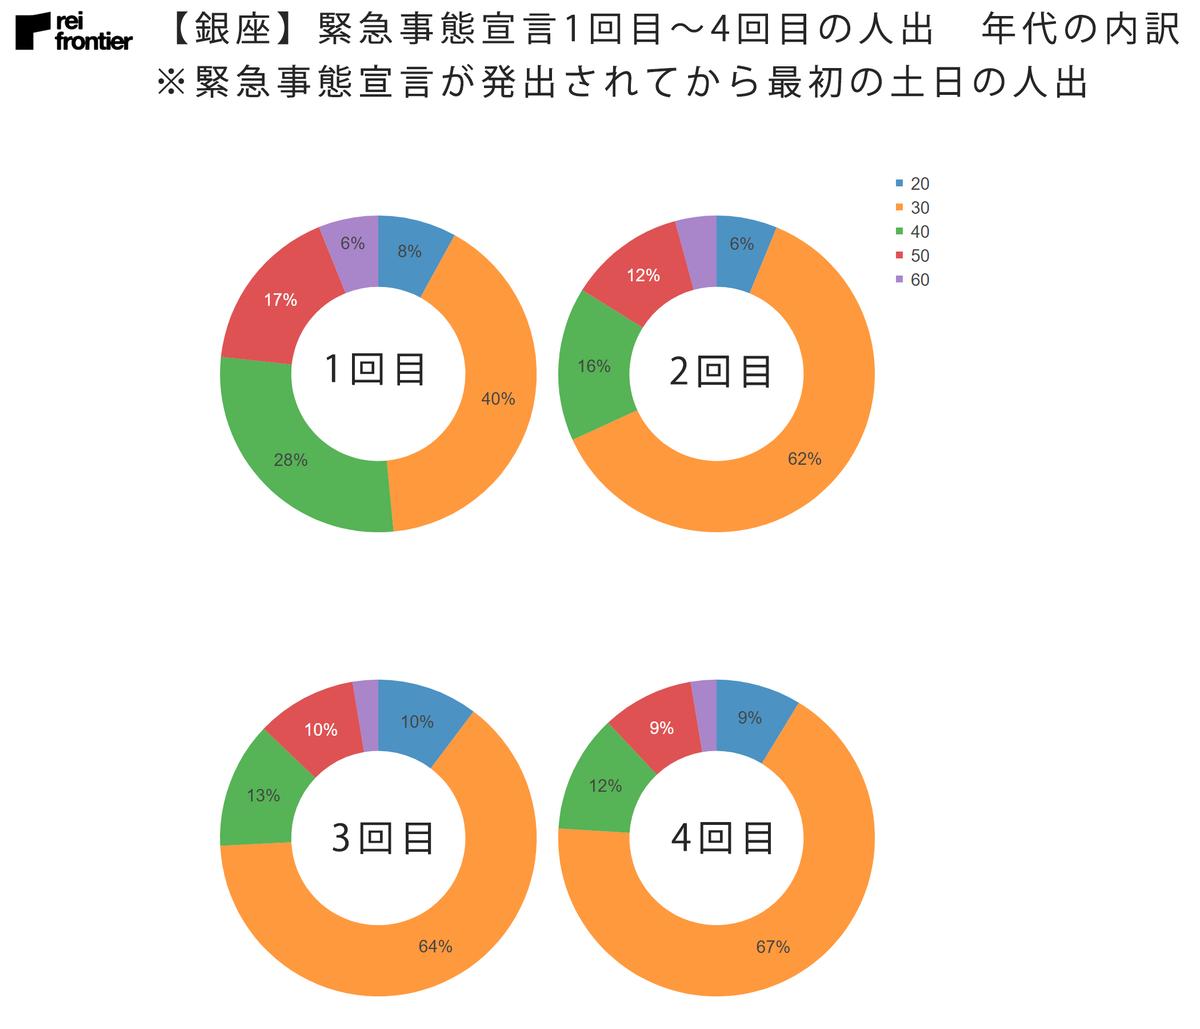 【銀座】緊急事態宣言1回目~4回目の人出 年代内訳